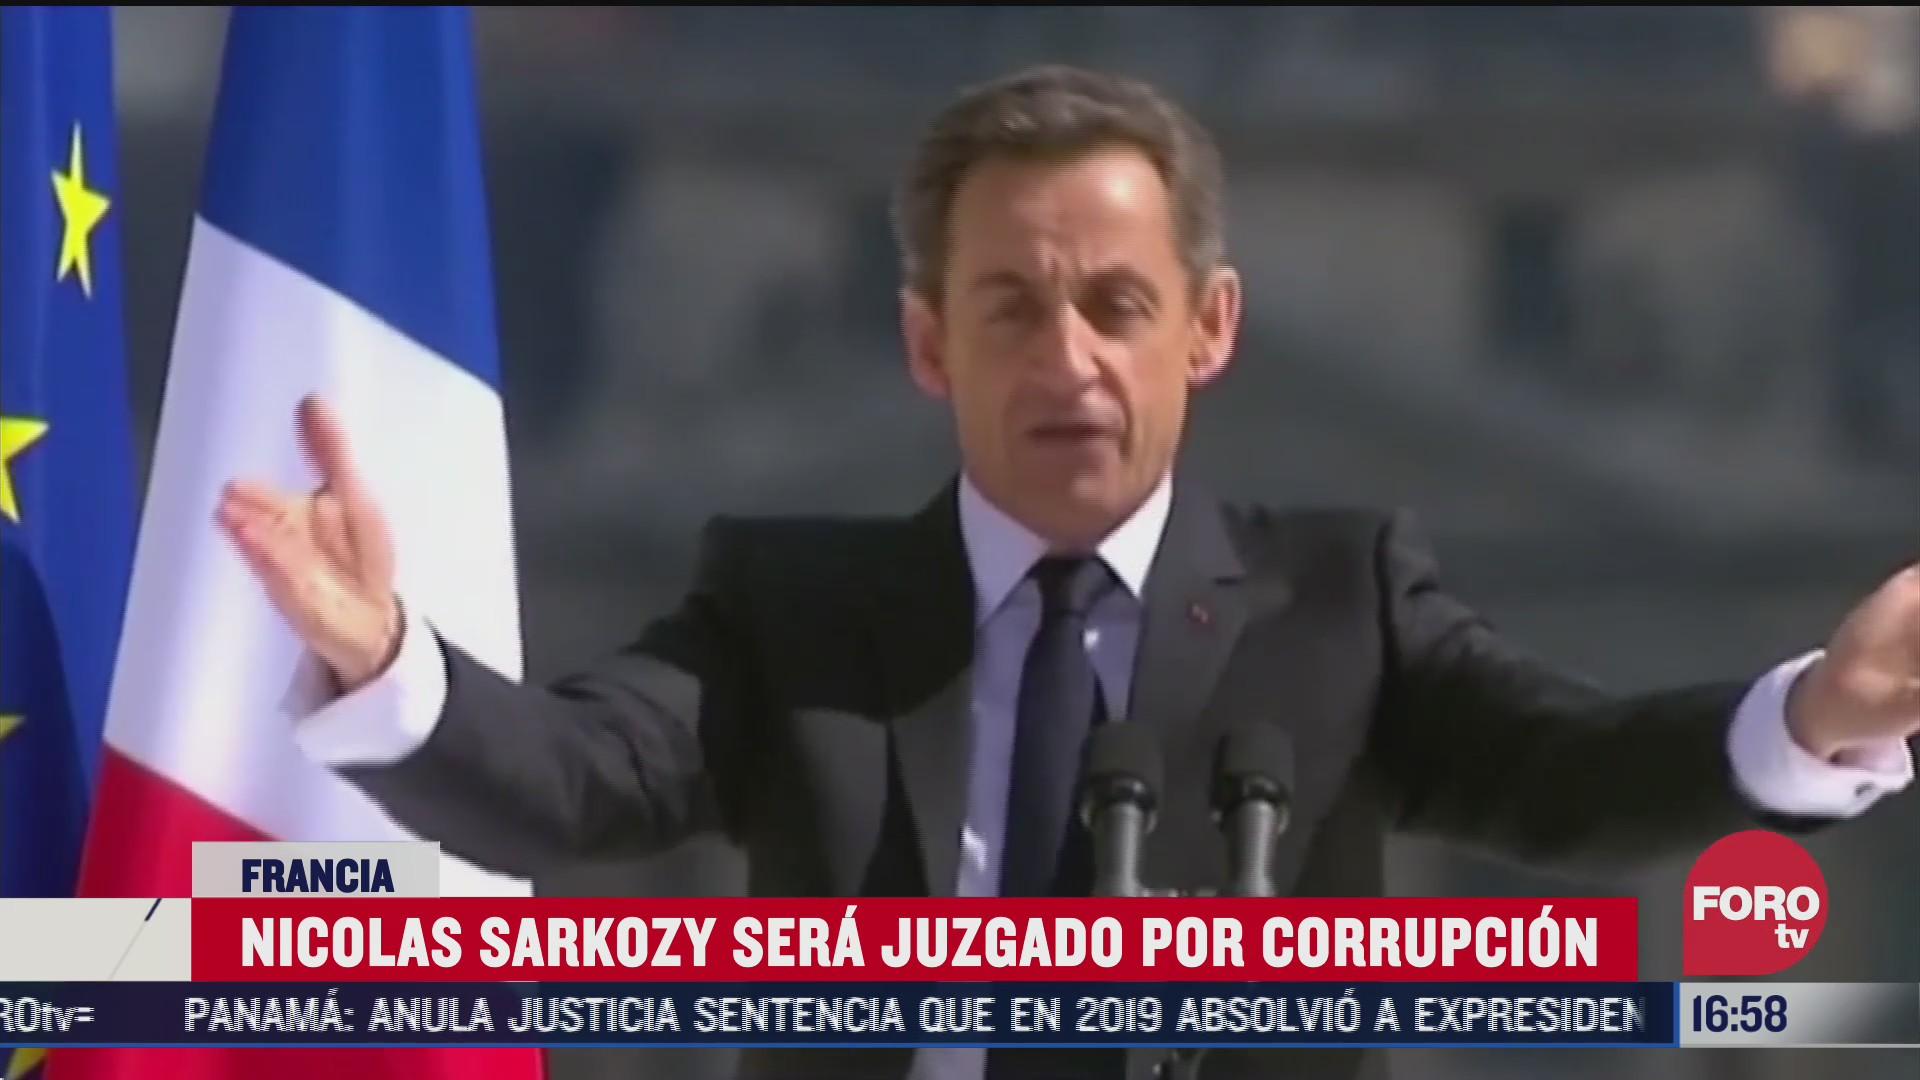 francia juzgara por corrupcion a nicolas sarkozy